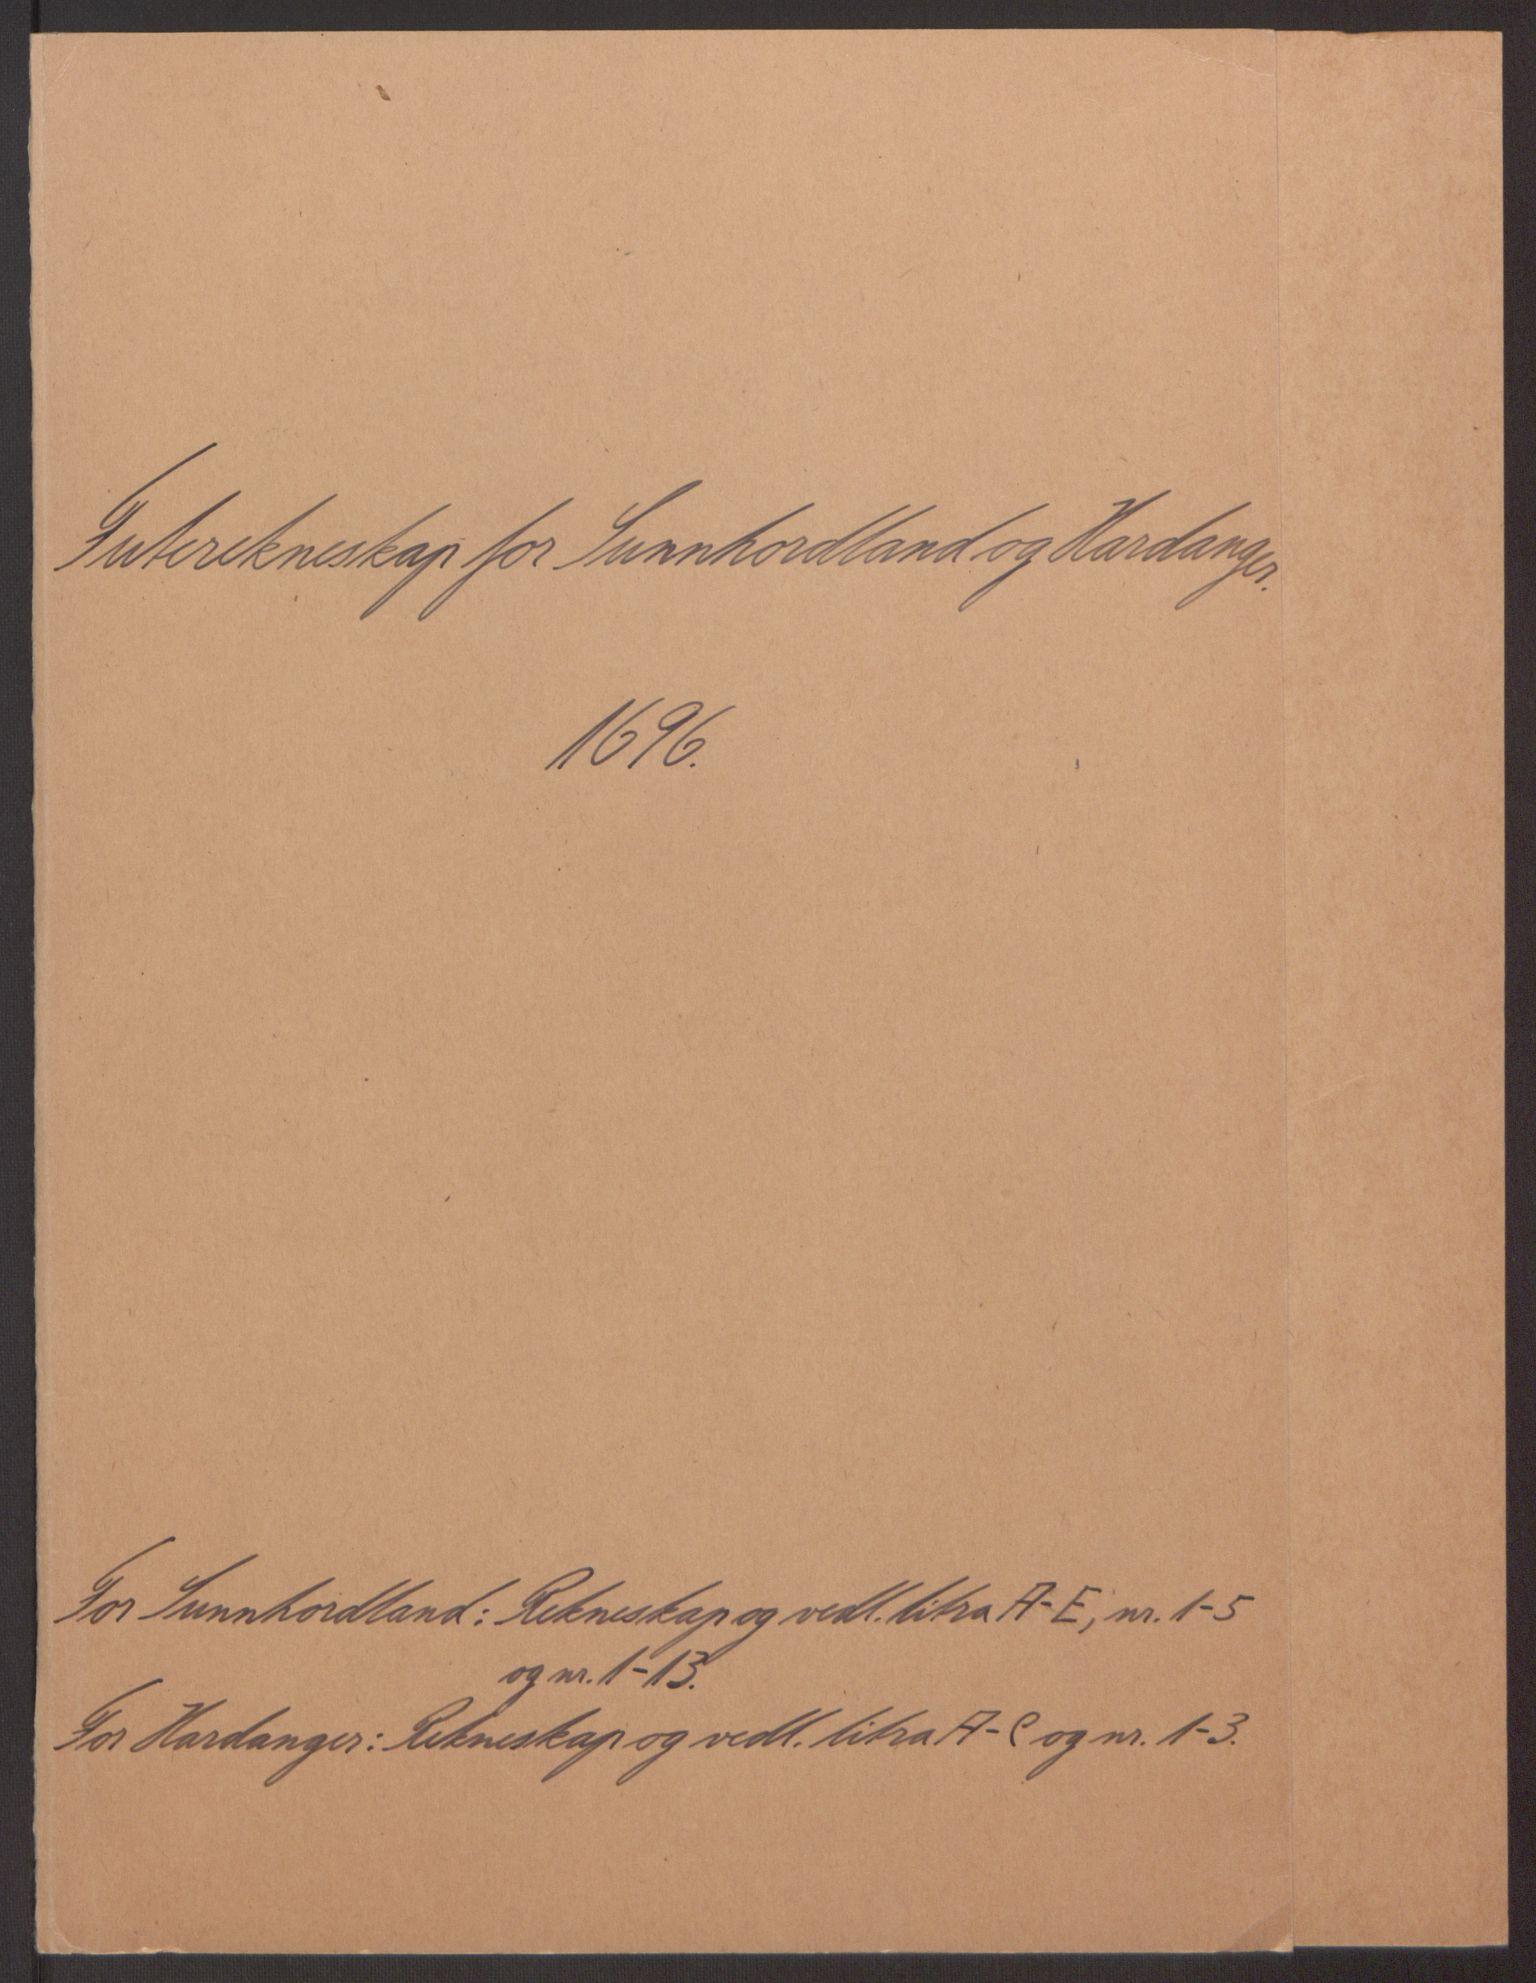 RA, Rentekammeret inntil 1814, Reviderte regnskaper, Fogderegnskap, R48/L2976: Fogderegnskap Sunnhordland og Hardanger, 1695-1696, s. 268